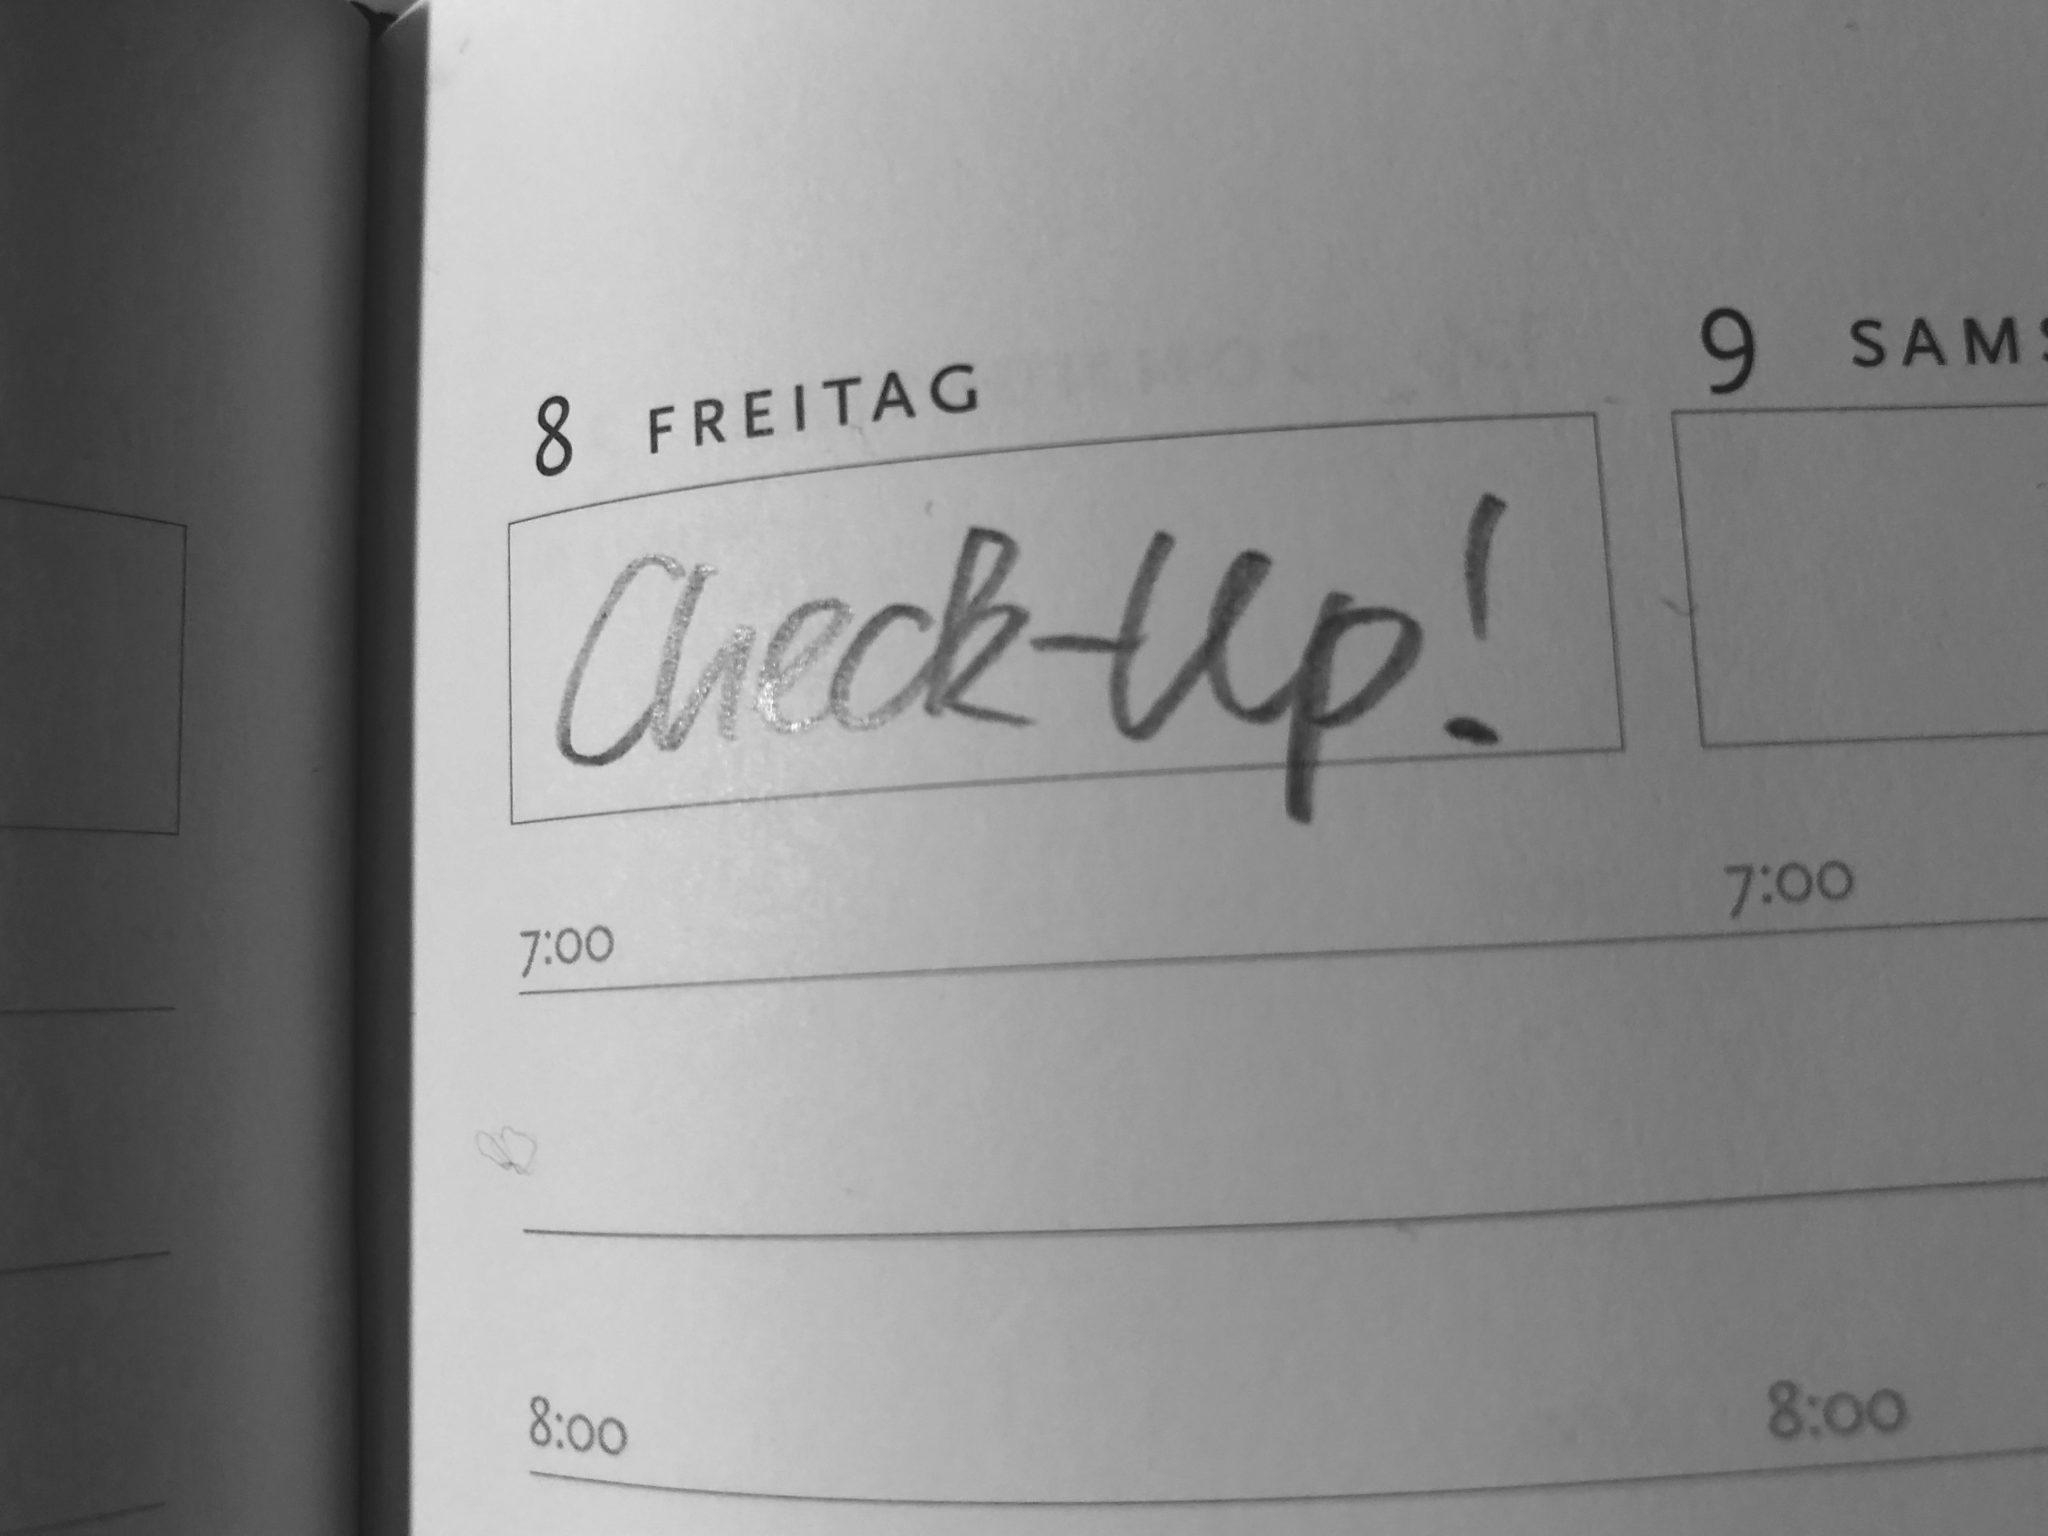 Erinnerung an den nächsten Check-Up in der Hausarztpraxis im Innenhof